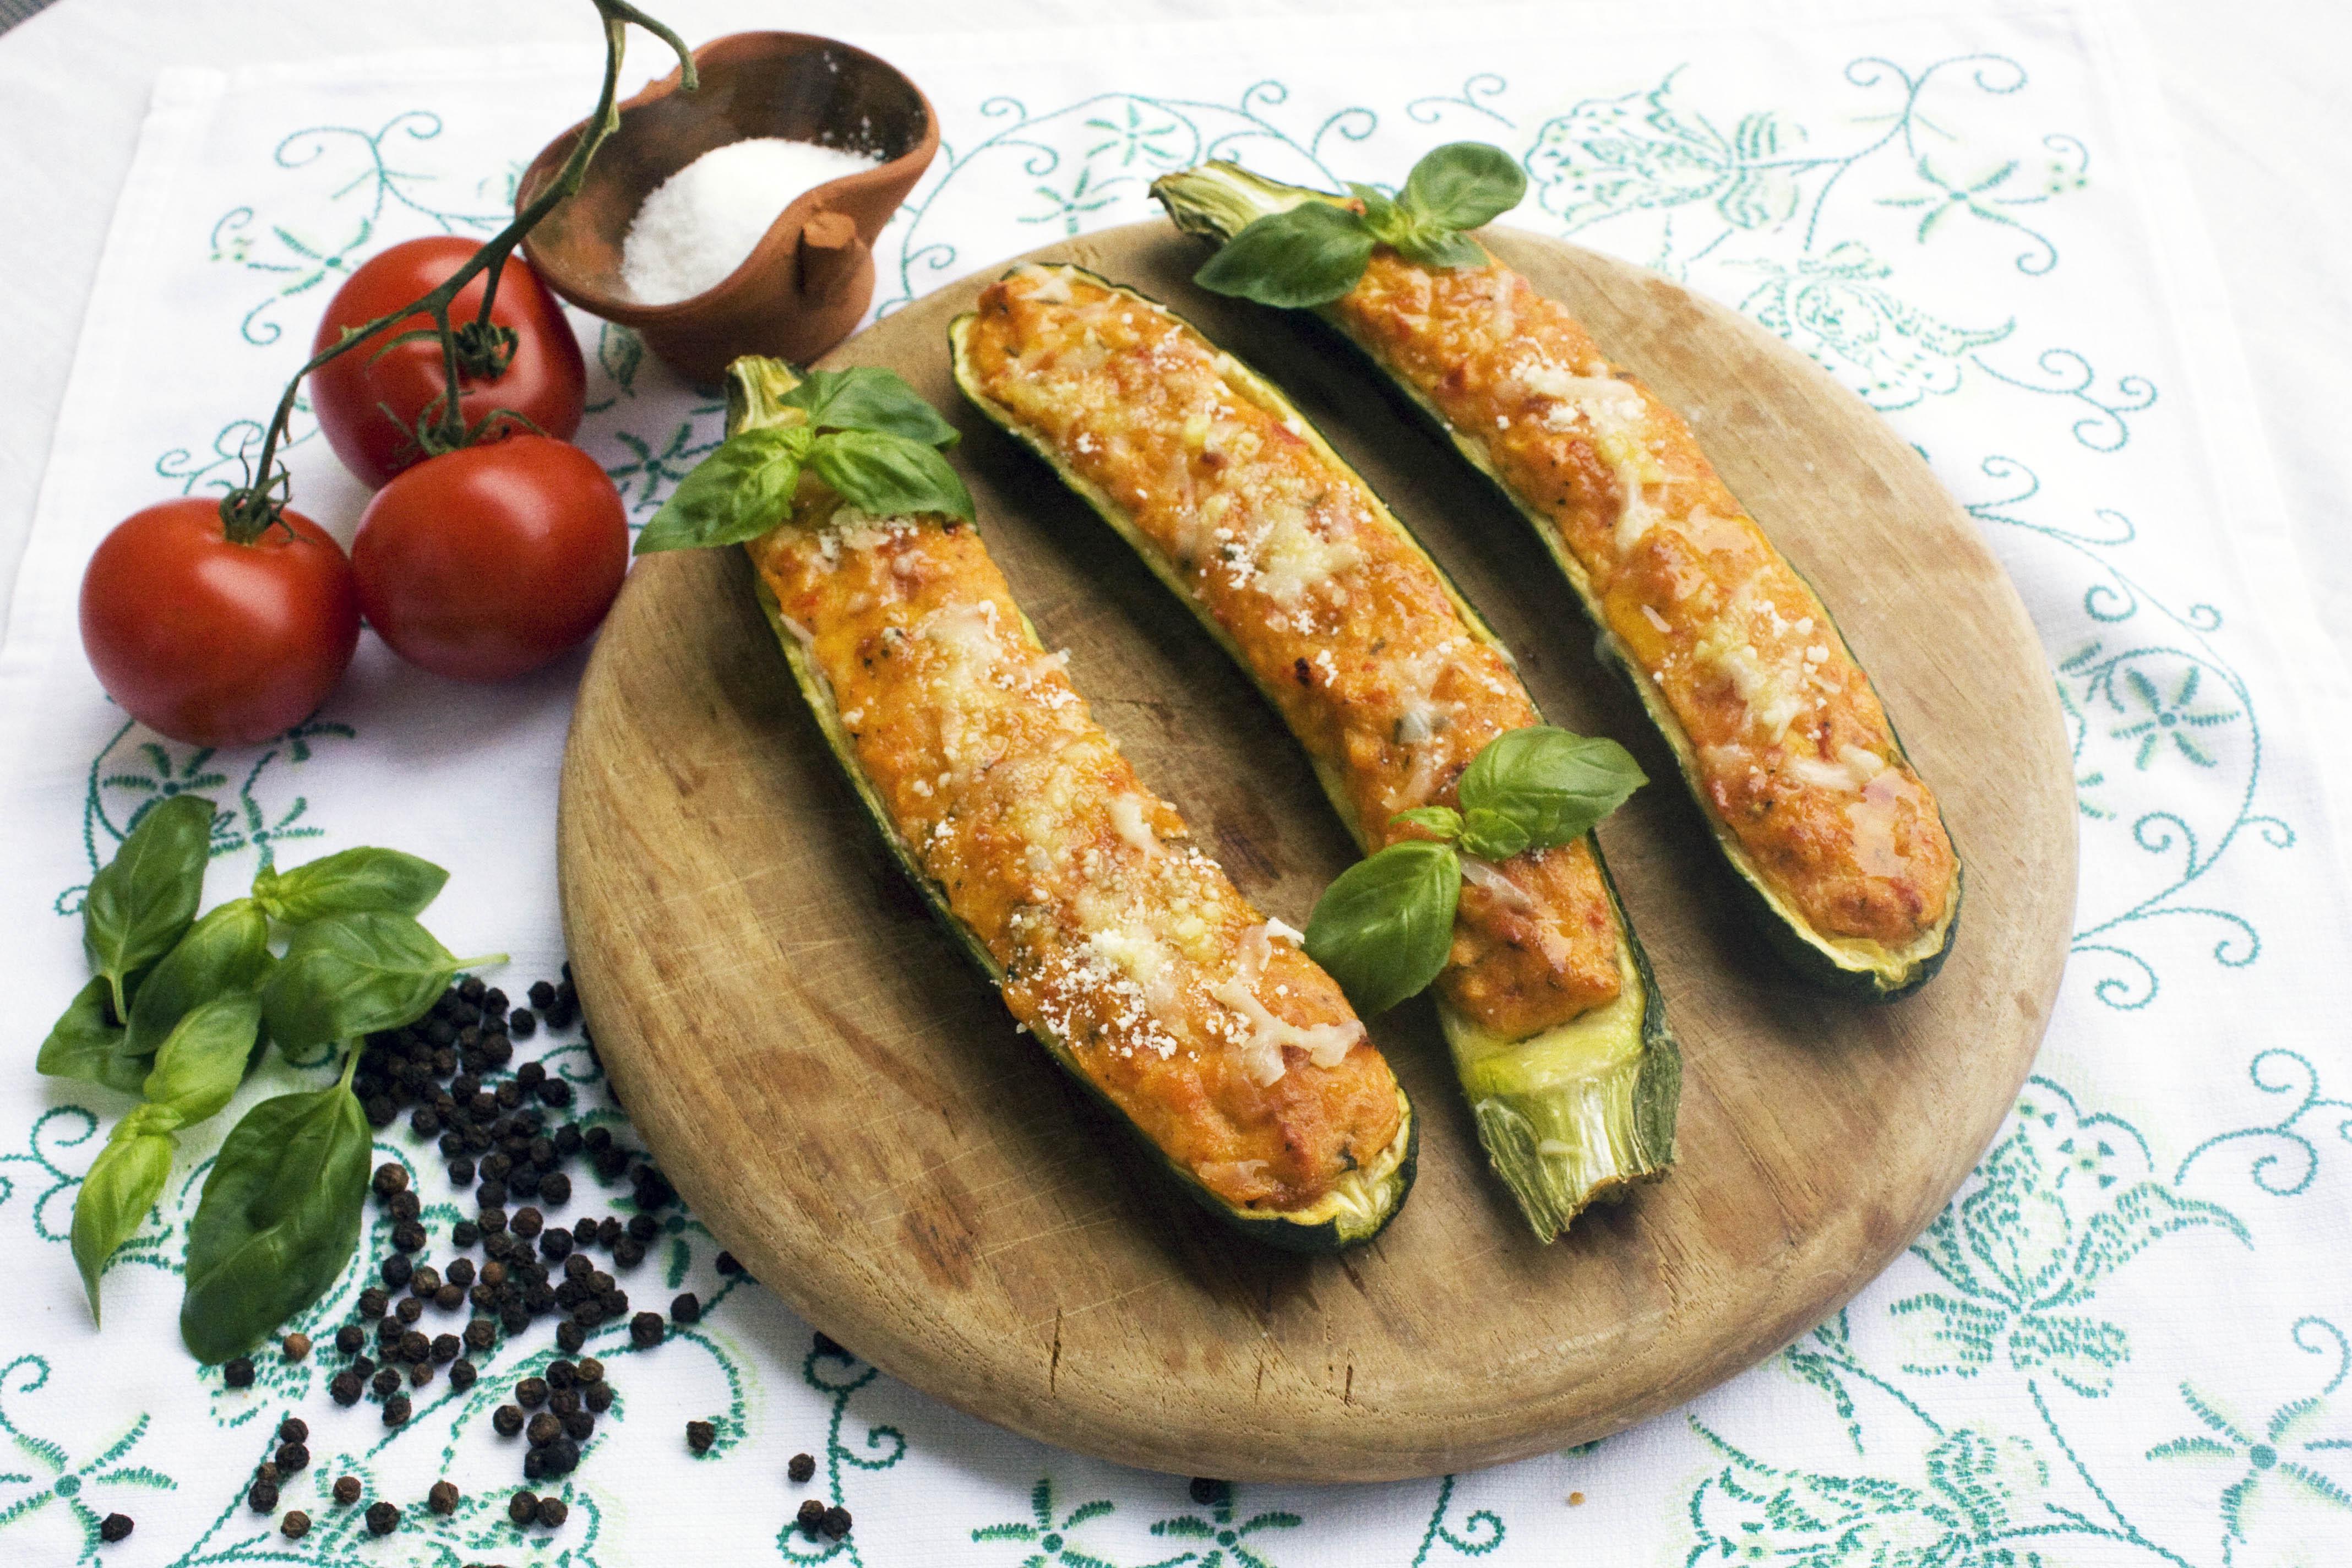 Sommerküche Was Koche Ich Heute : Sommerküche mit zucchini miaterra sardinien miaterra sardinien